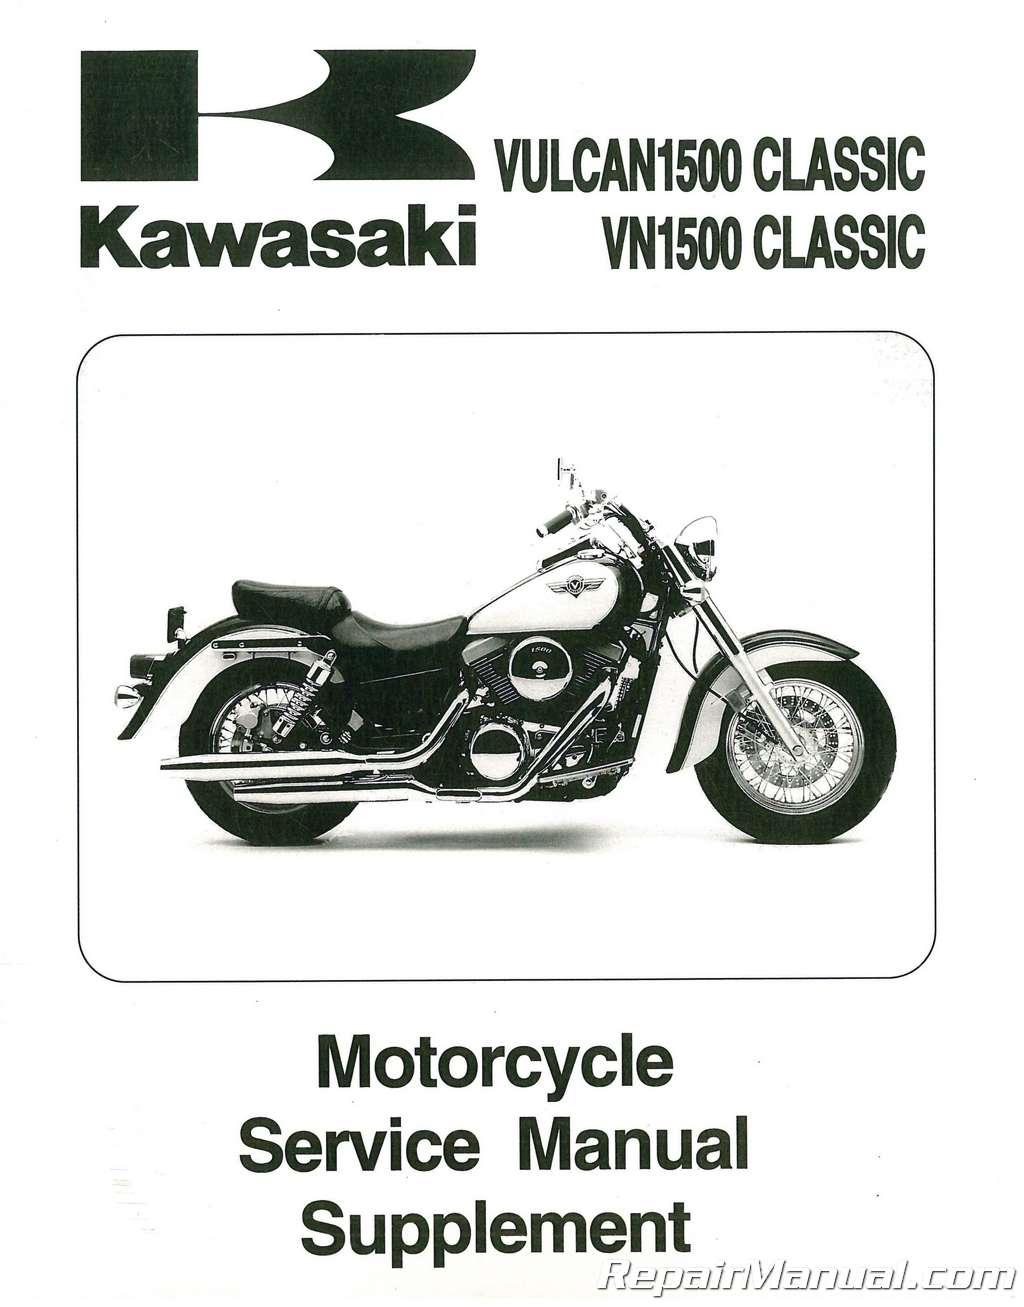 1998 2002 kawasaki vulcan classic 1500 service manual supplement rh repairmanual com kawasaki vn 1500 service manual kawasaki vulcan 1500 nomad service manual